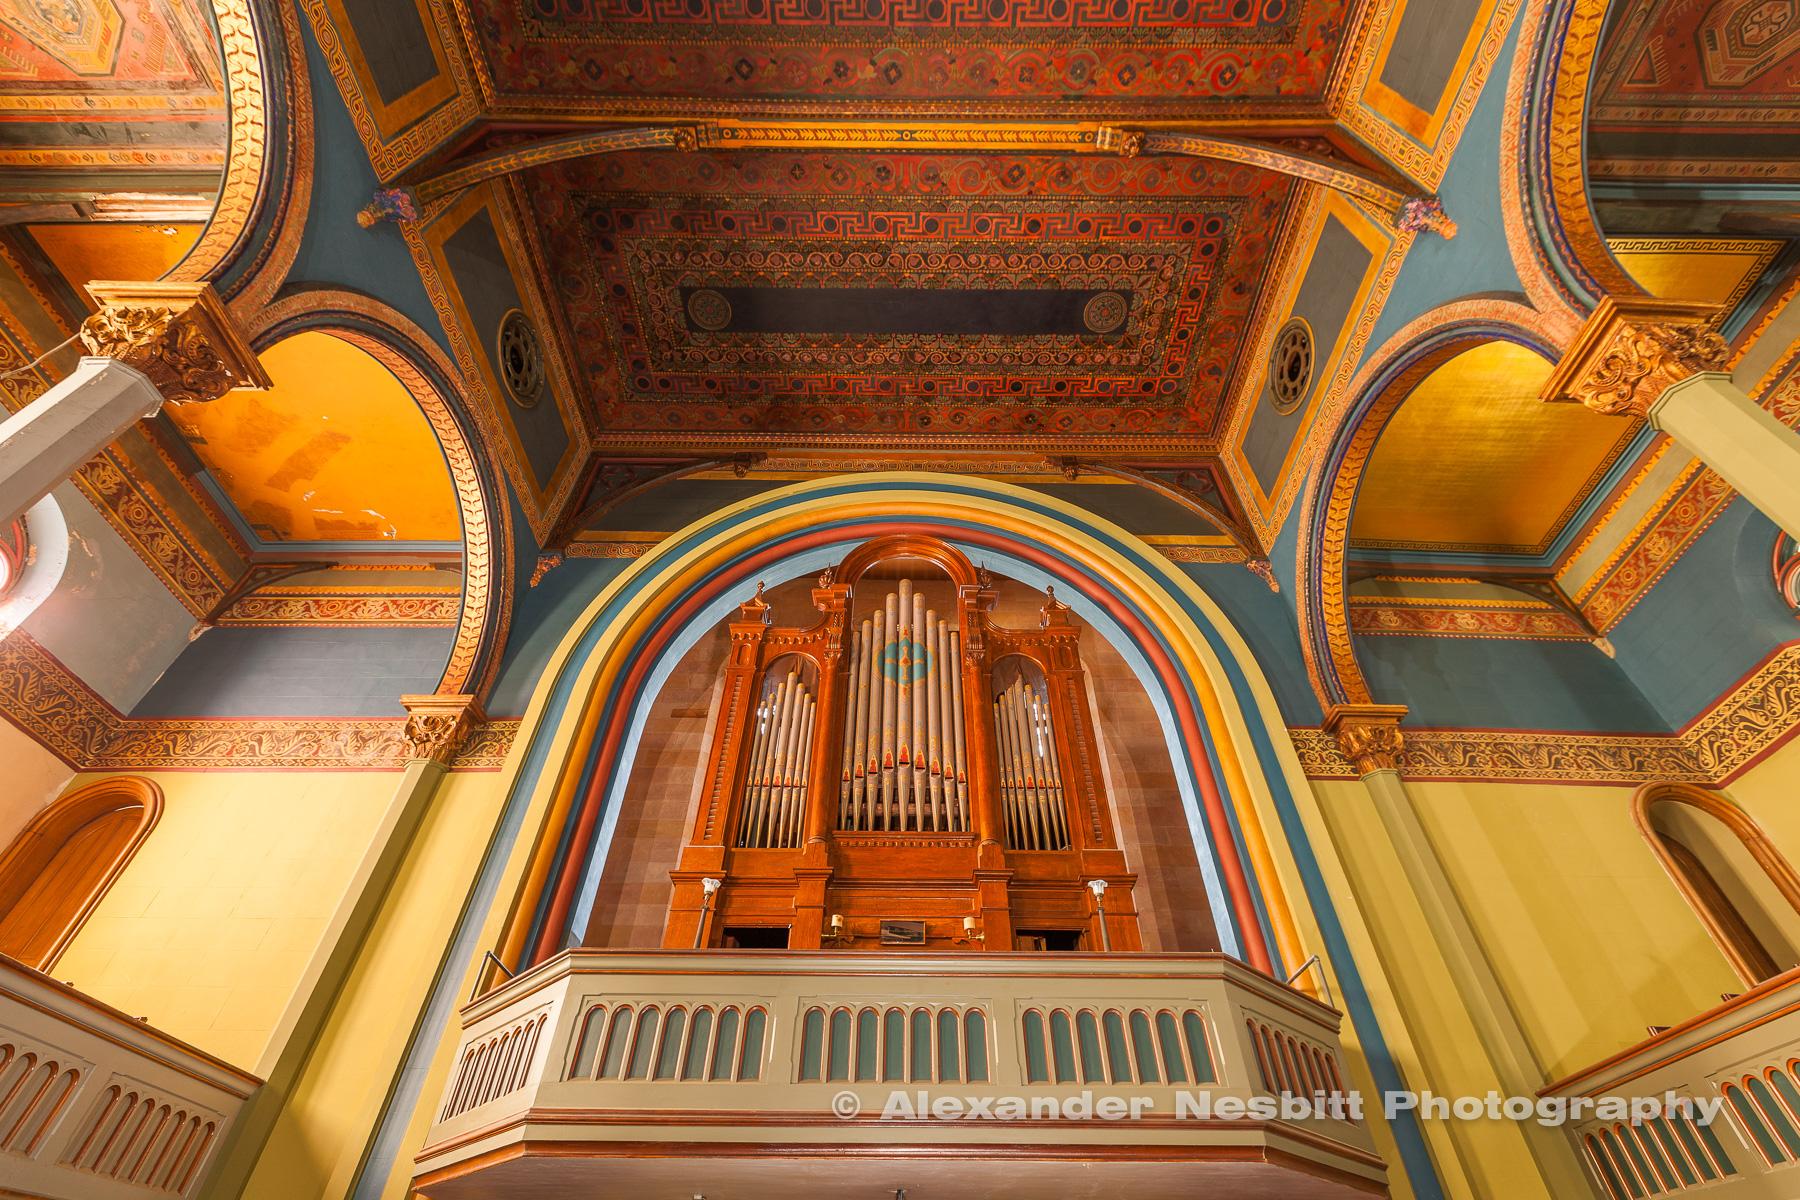 Nesbitt-Congregational-Church-interior-5E6A5694